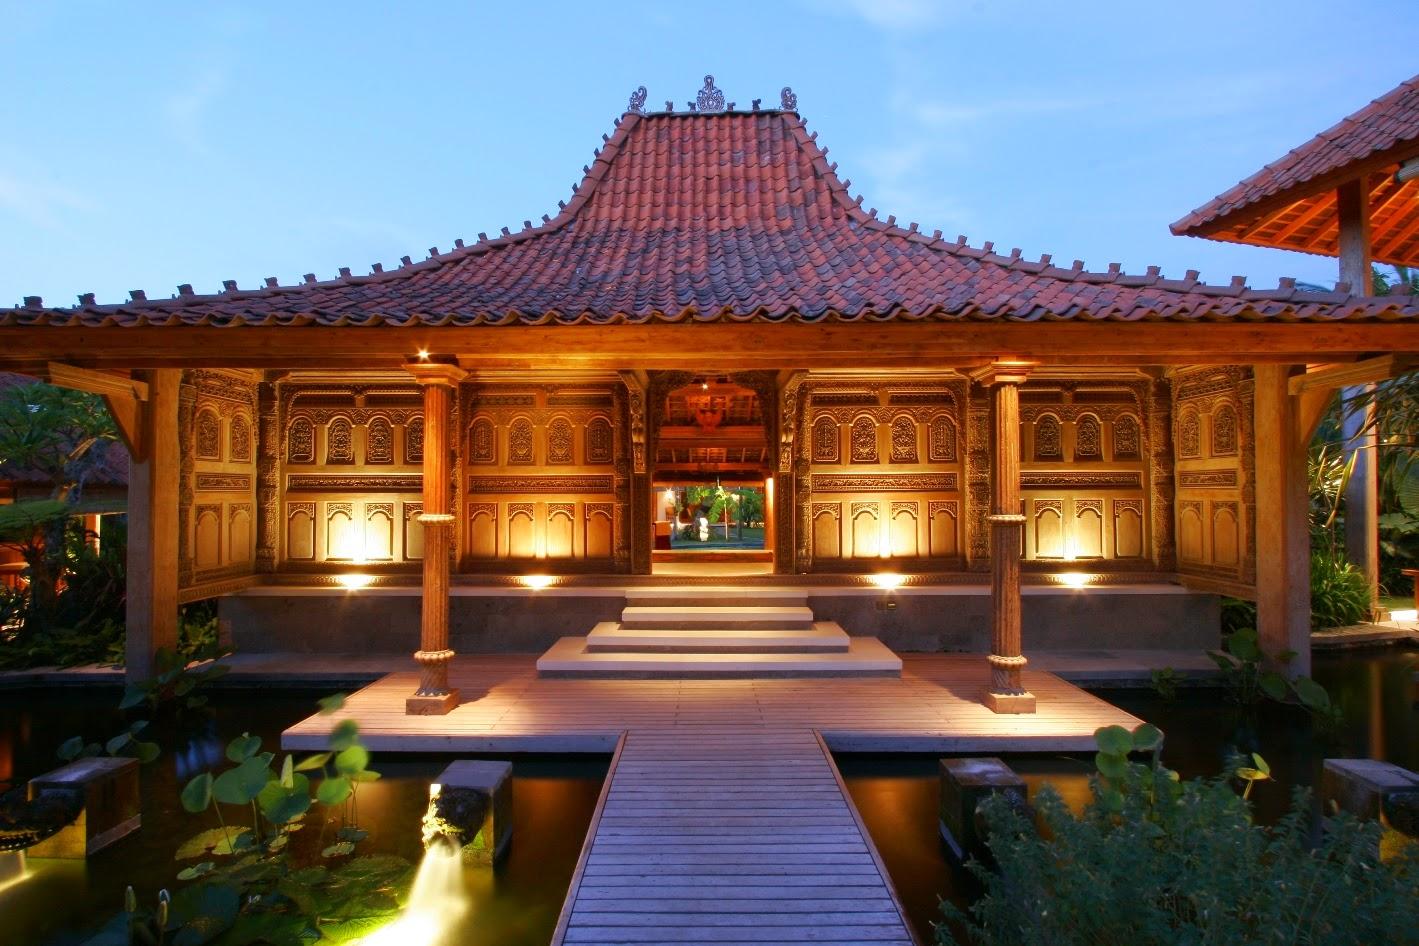 Desain Rumah Adat Jawa atau Rumah Joglo